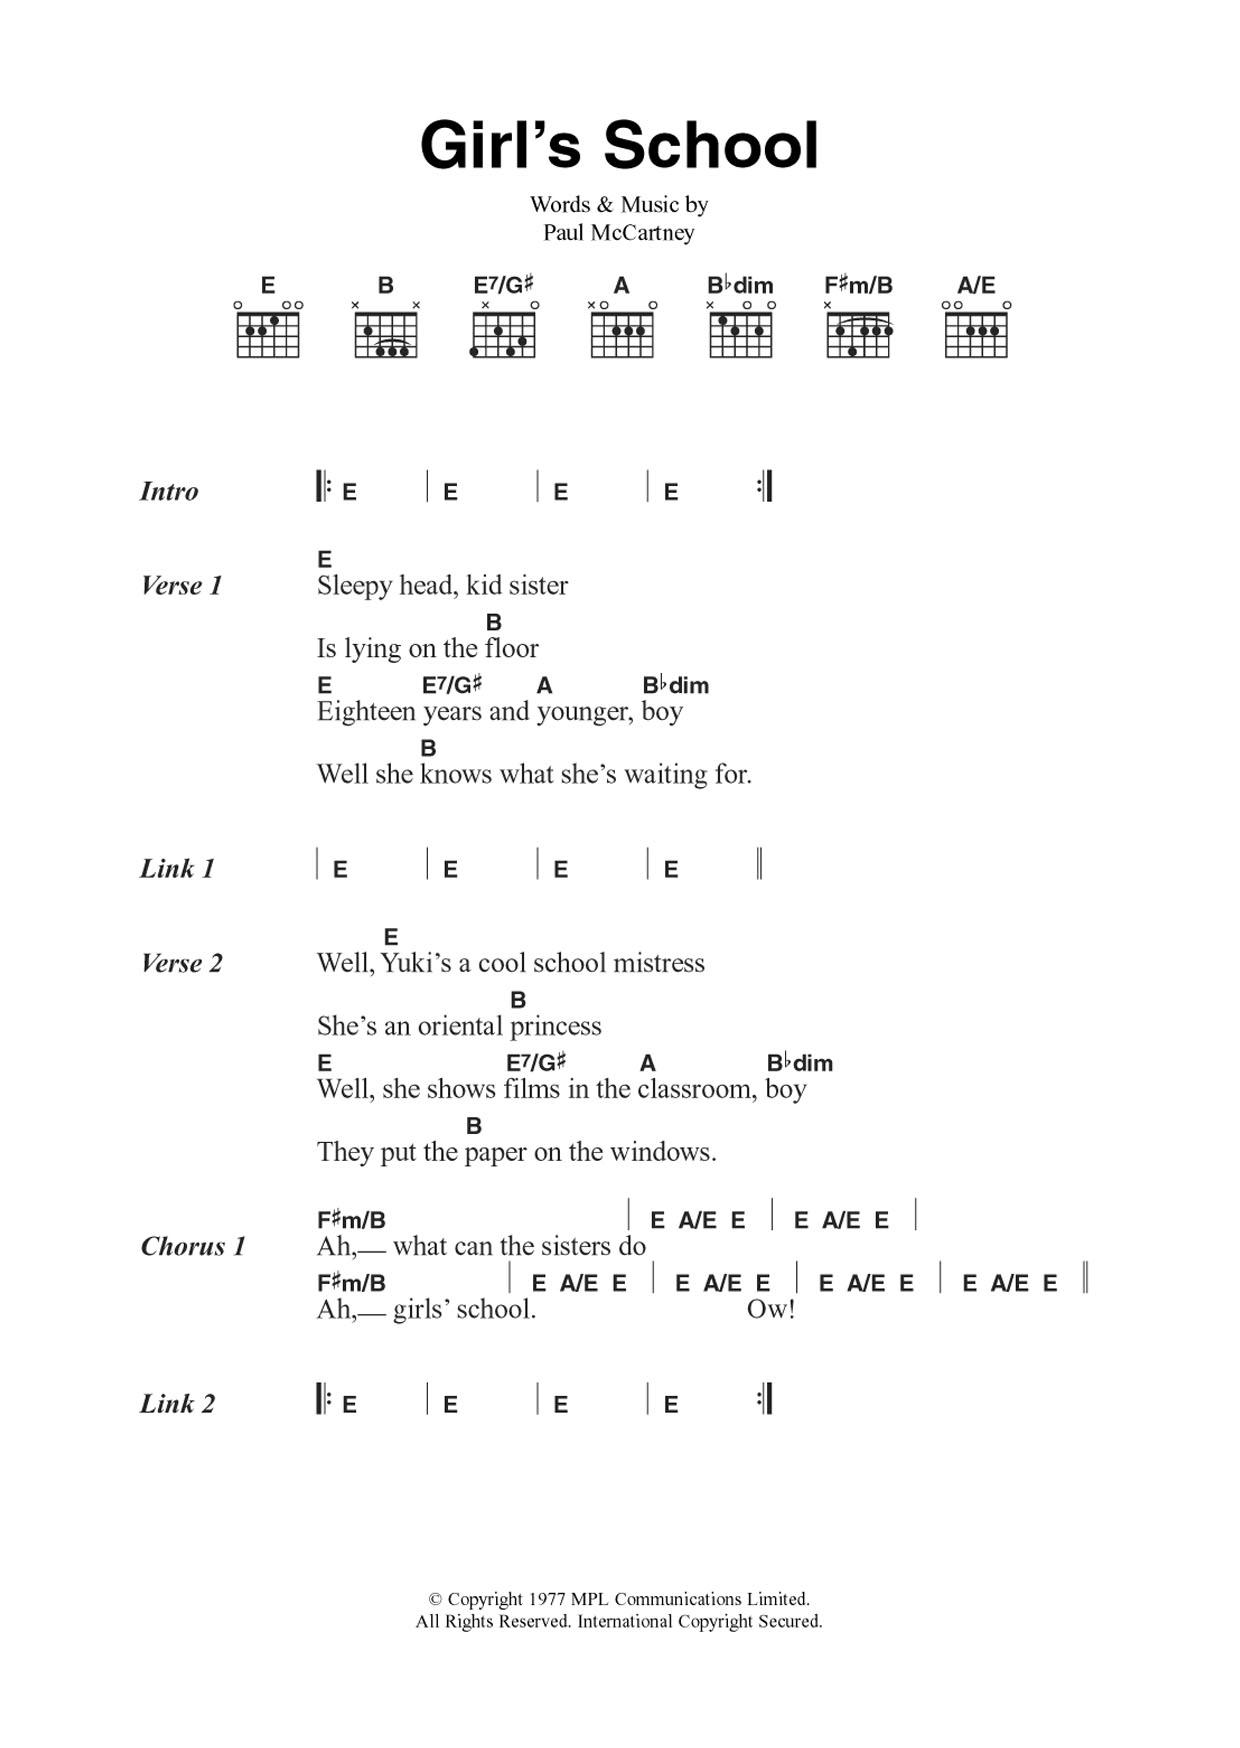 accord guitare bdim